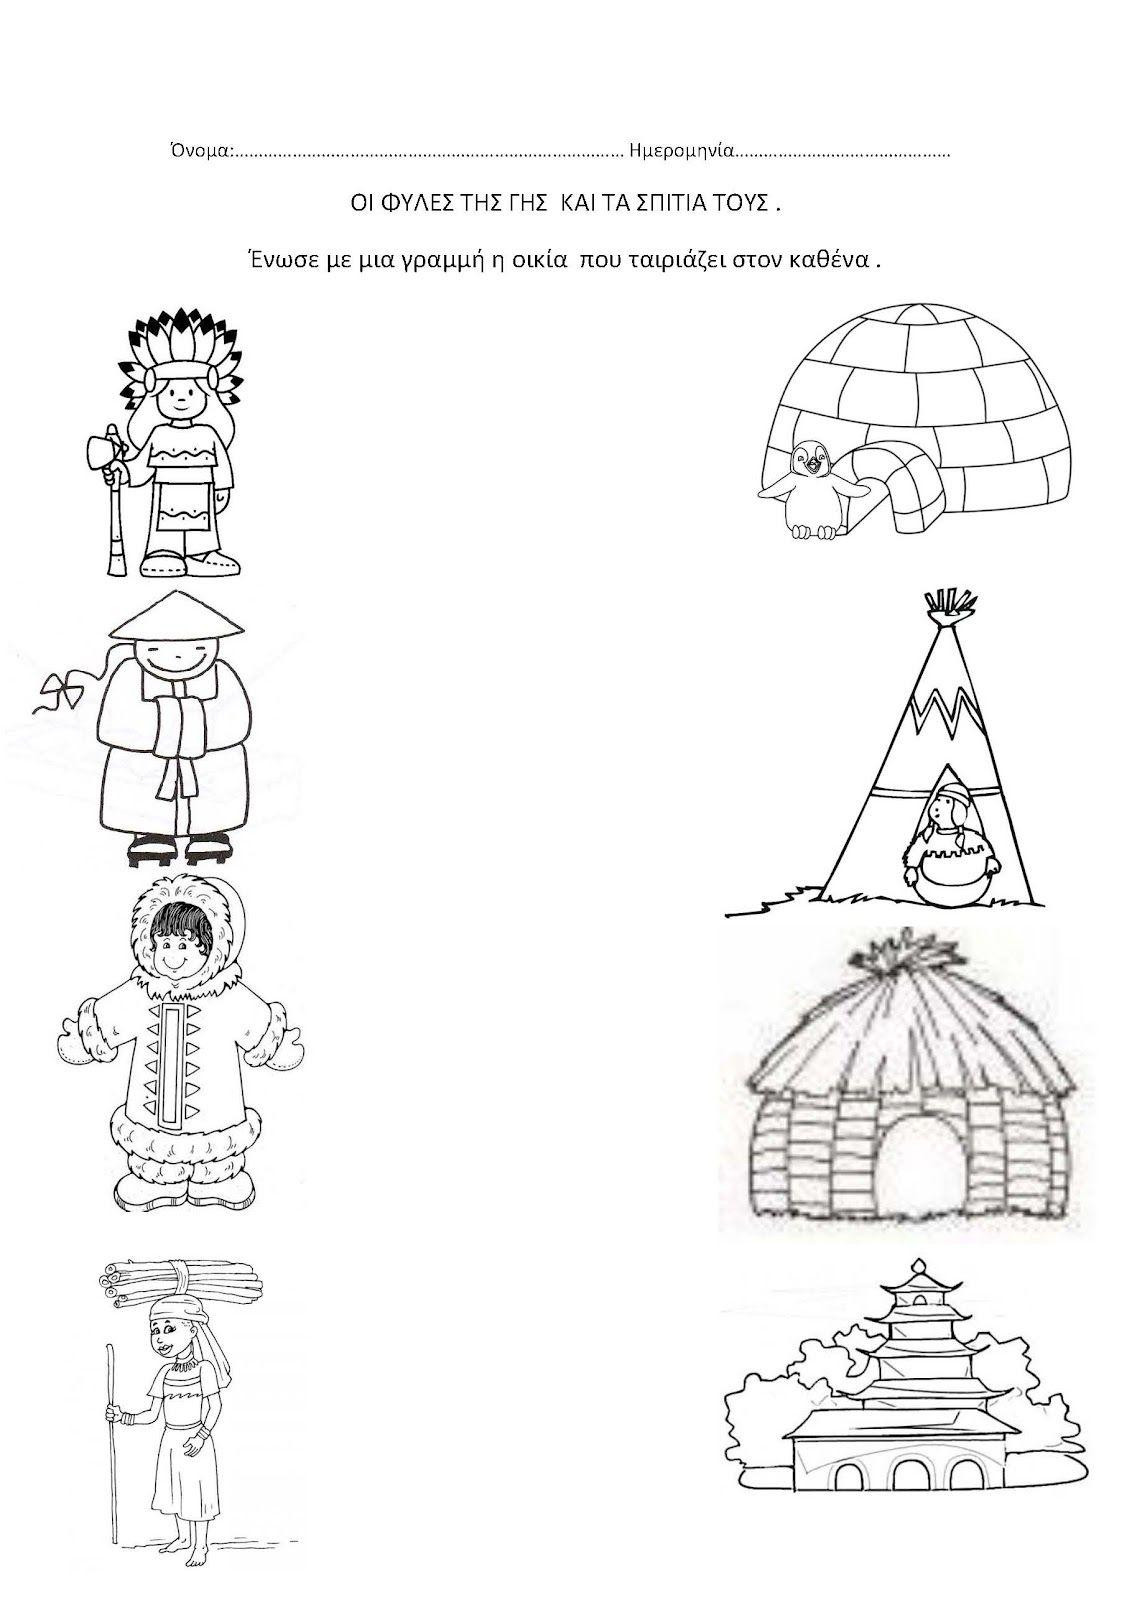 28η οκτωβρίου 1940 ζωγραφιες - Αναζήτηση Google   Atividades bíblicas para  imprimir, Projeto animais educação infantil, Geografia mundial